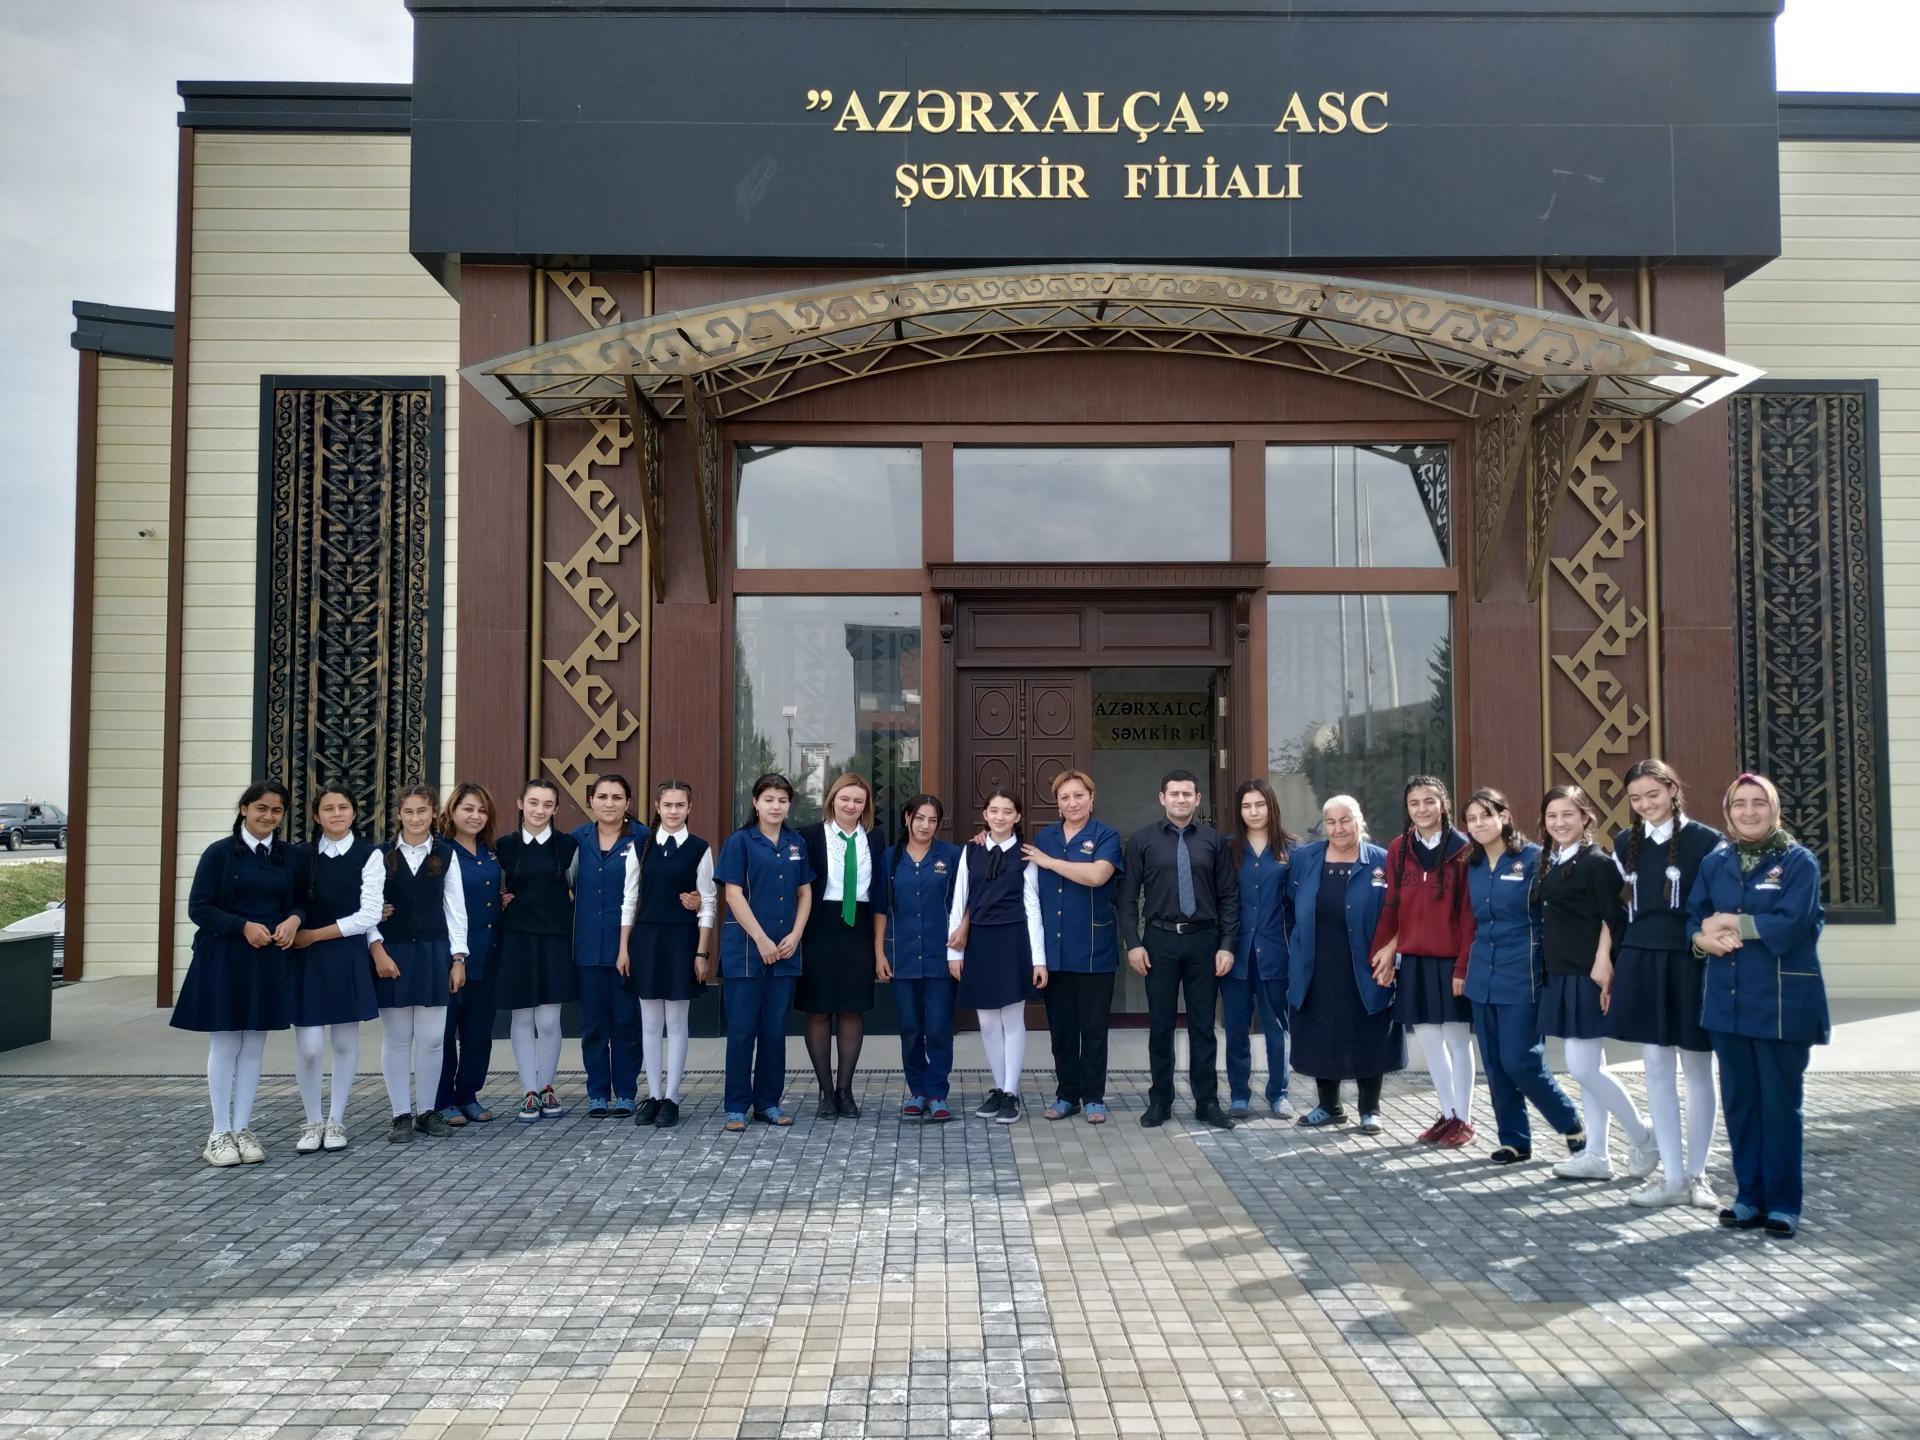 """Şagirdlər """"Azərxalça""""nın Şəmkir filialı ilə tanış olublar (FOTO)"""